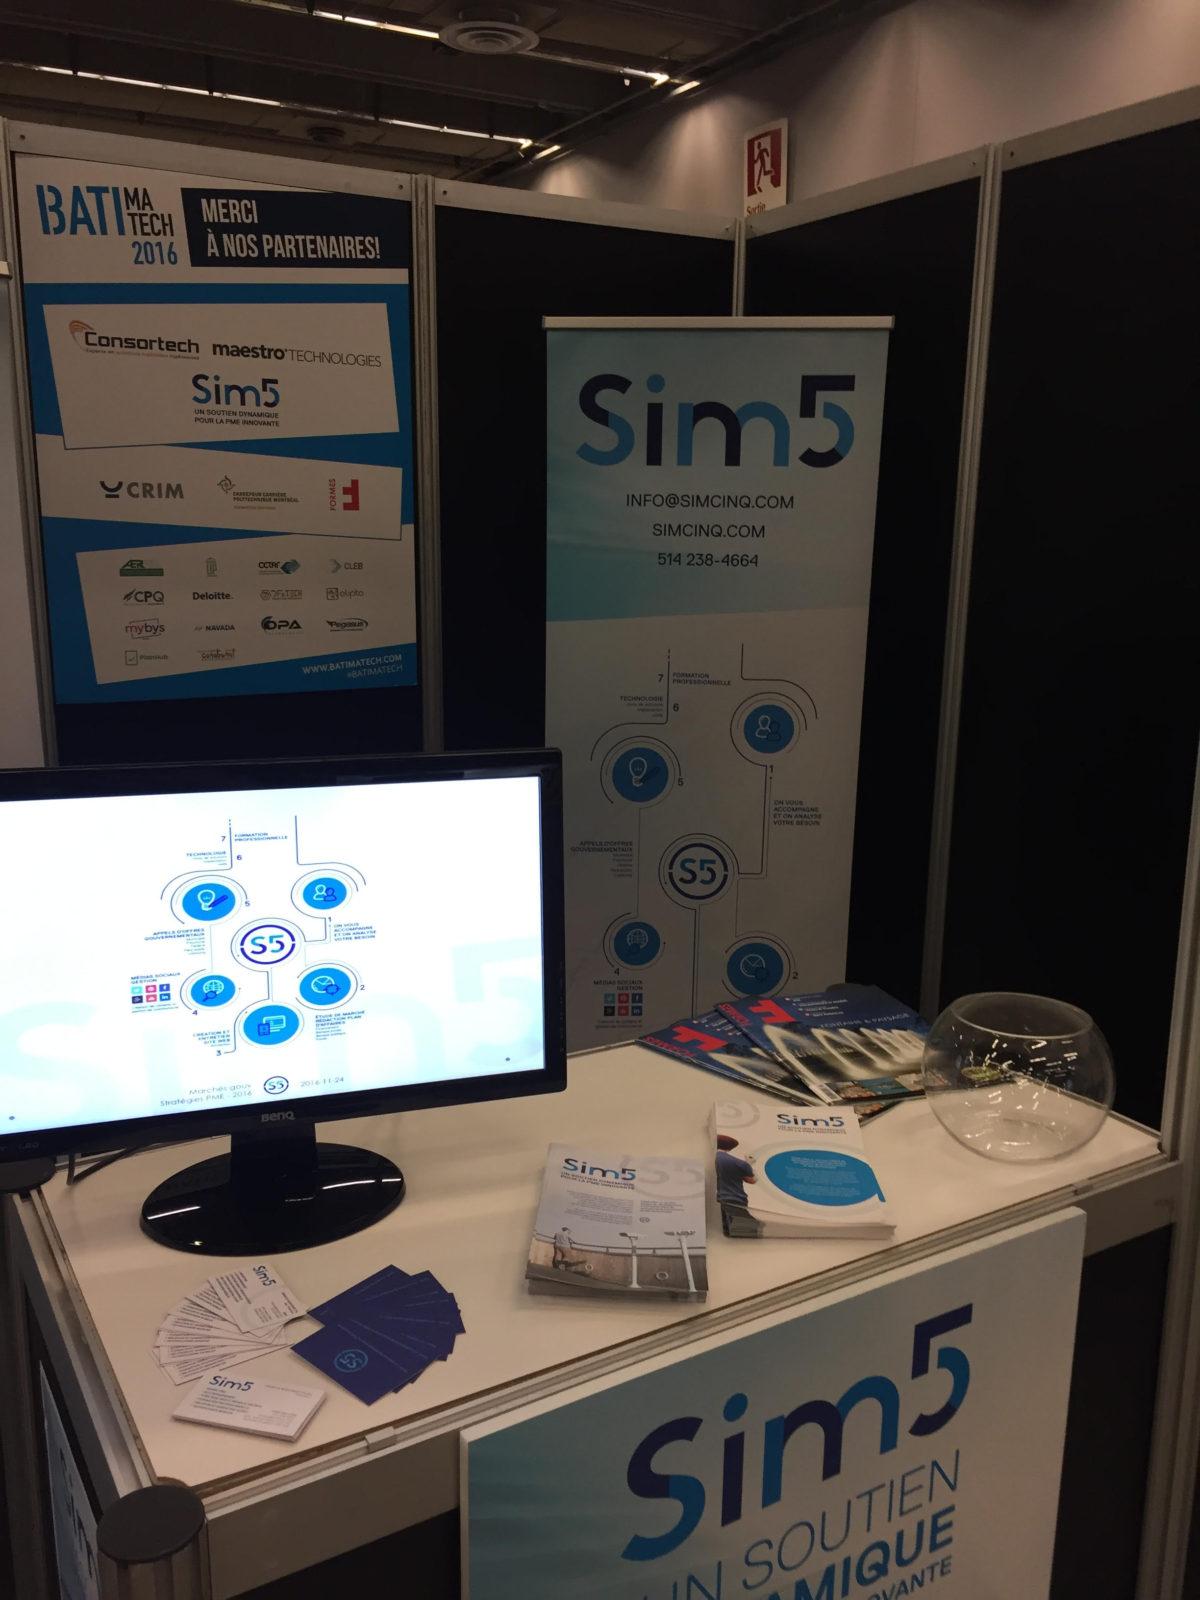 Le stand de SIM5 à Stratégies PME